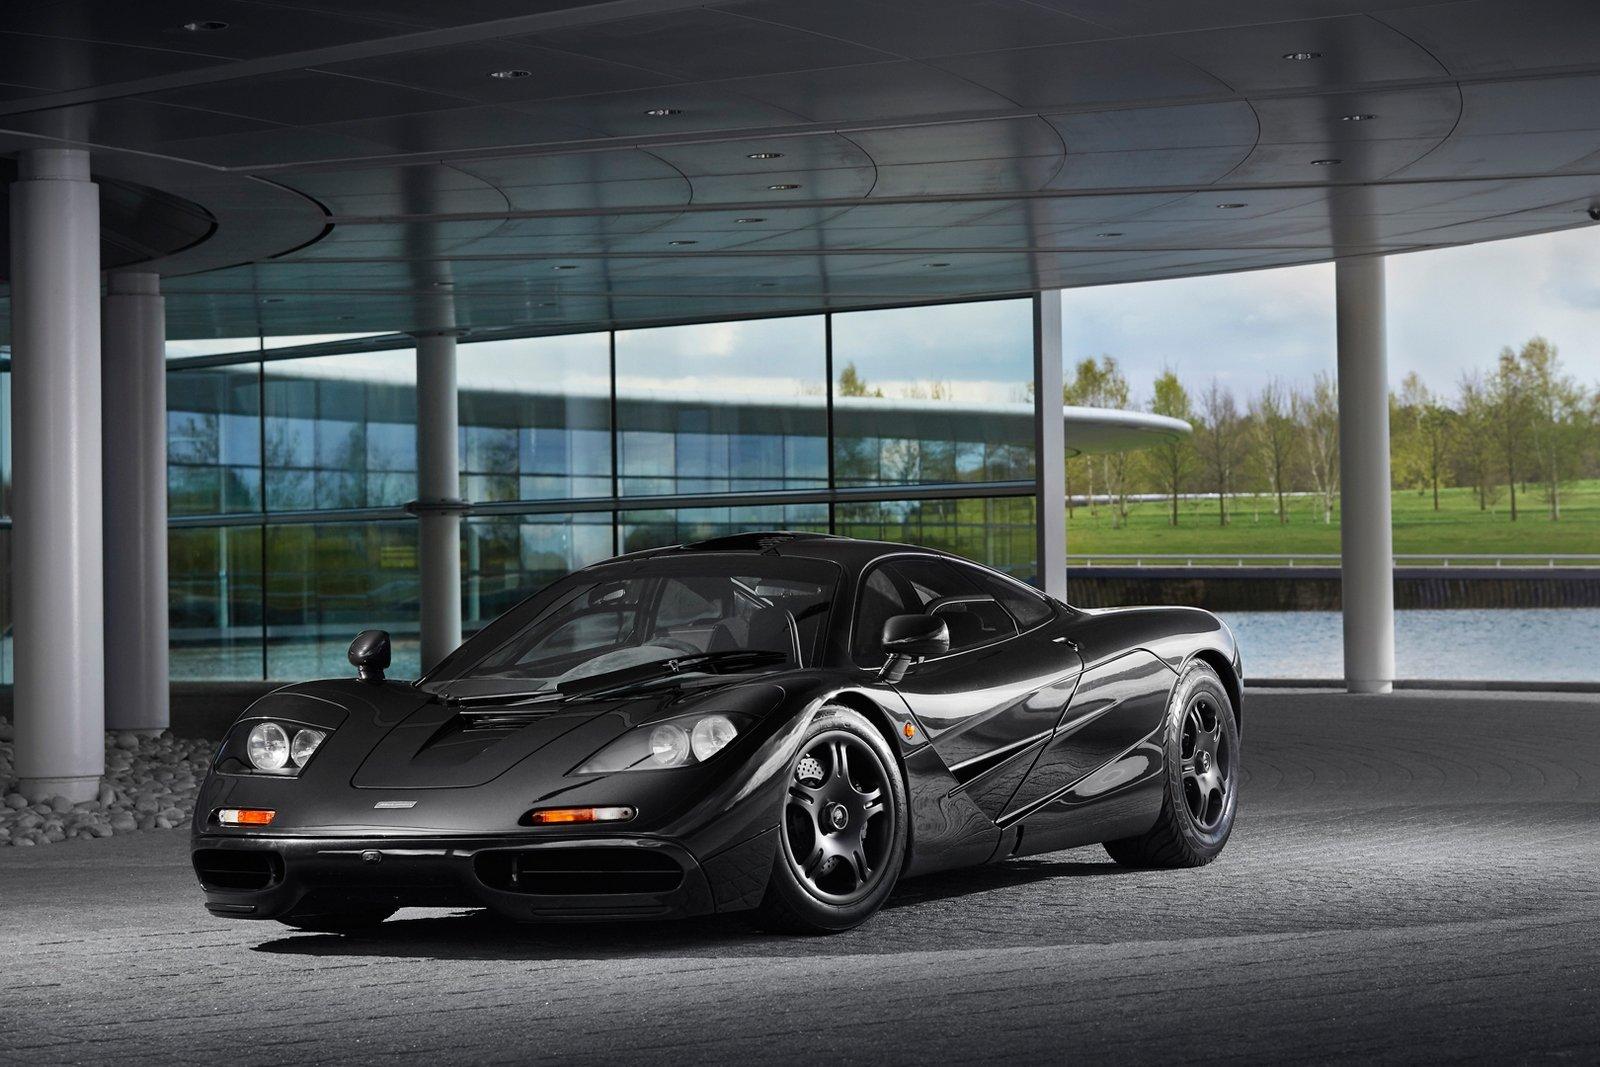 Exkluzivní McLaren F1 jde do prodeje. Má najeto pouze 4500 km - anotační foto